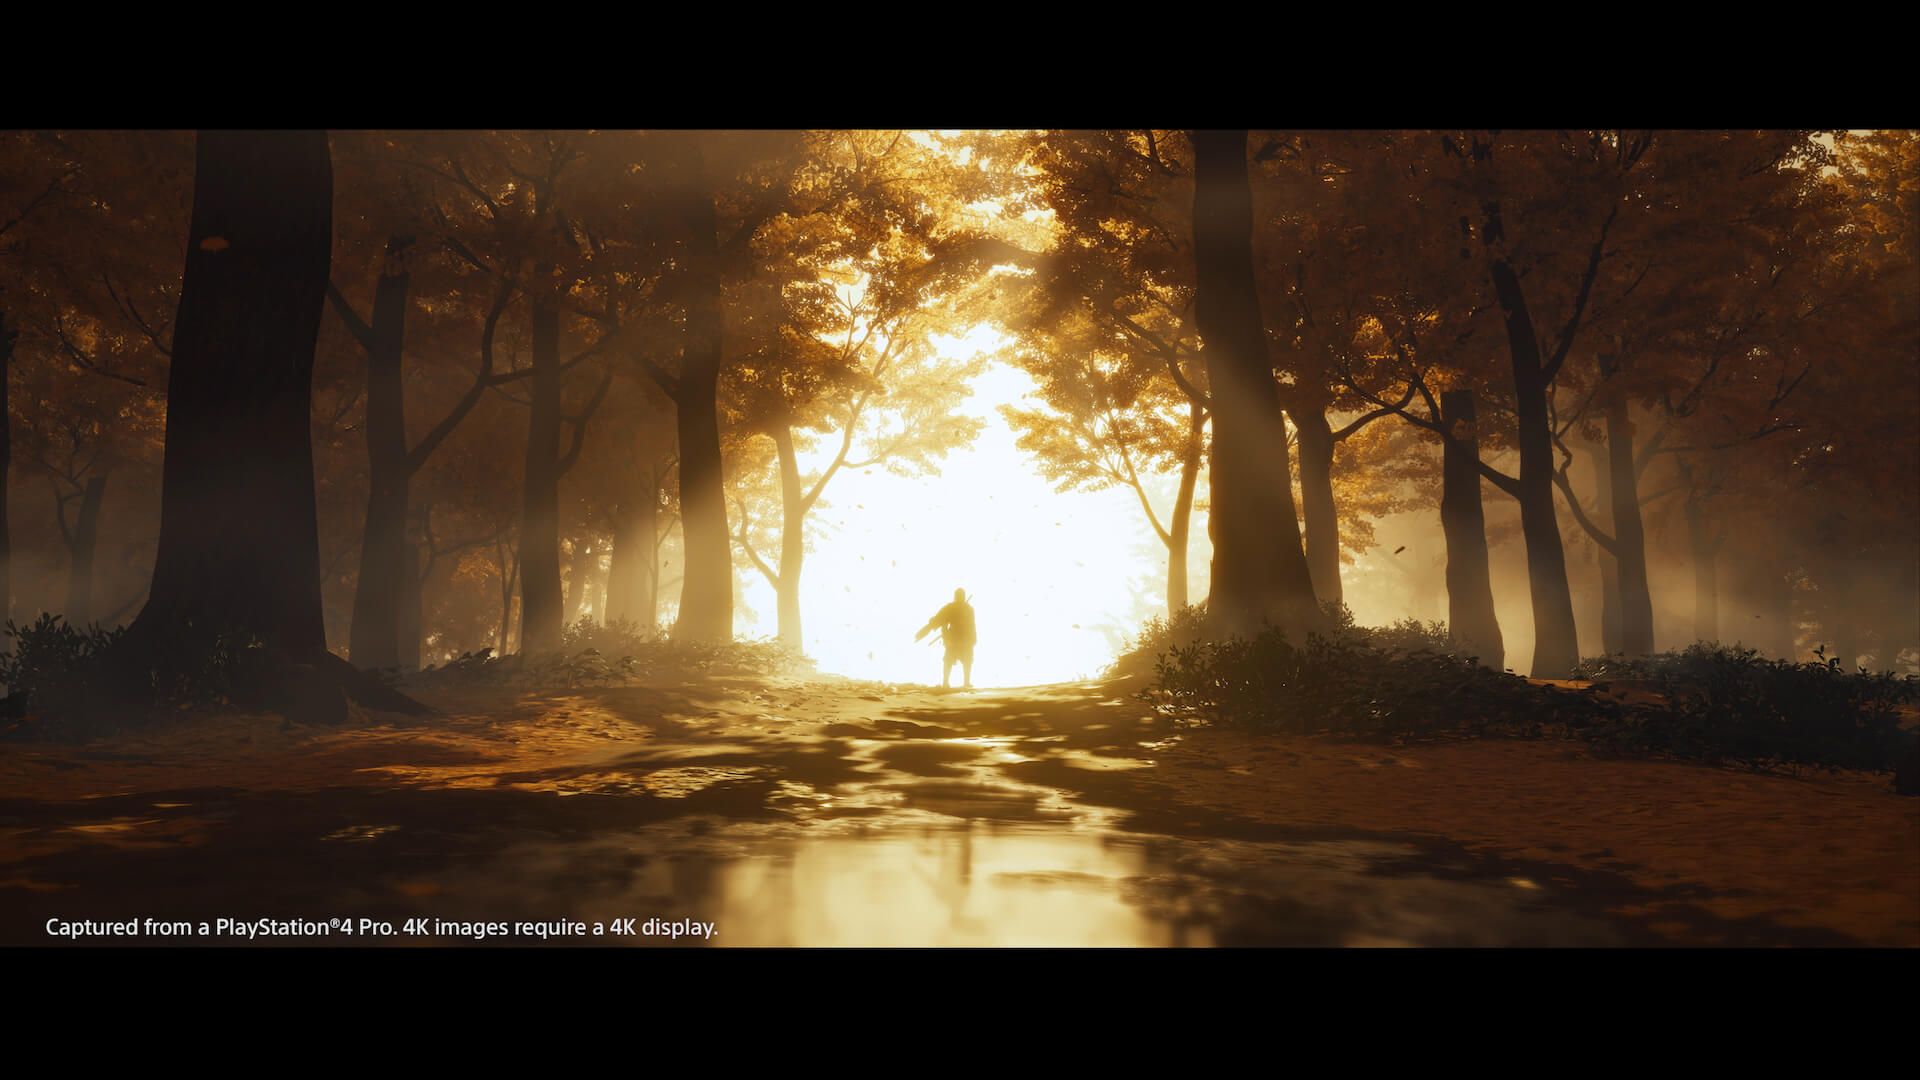 新感覚のオープンワールド時代劇を体感せよ!PS4専用ソフト『Ghost of Tsushima』がついに本日発売 tech200717_ghostoftsushima_19